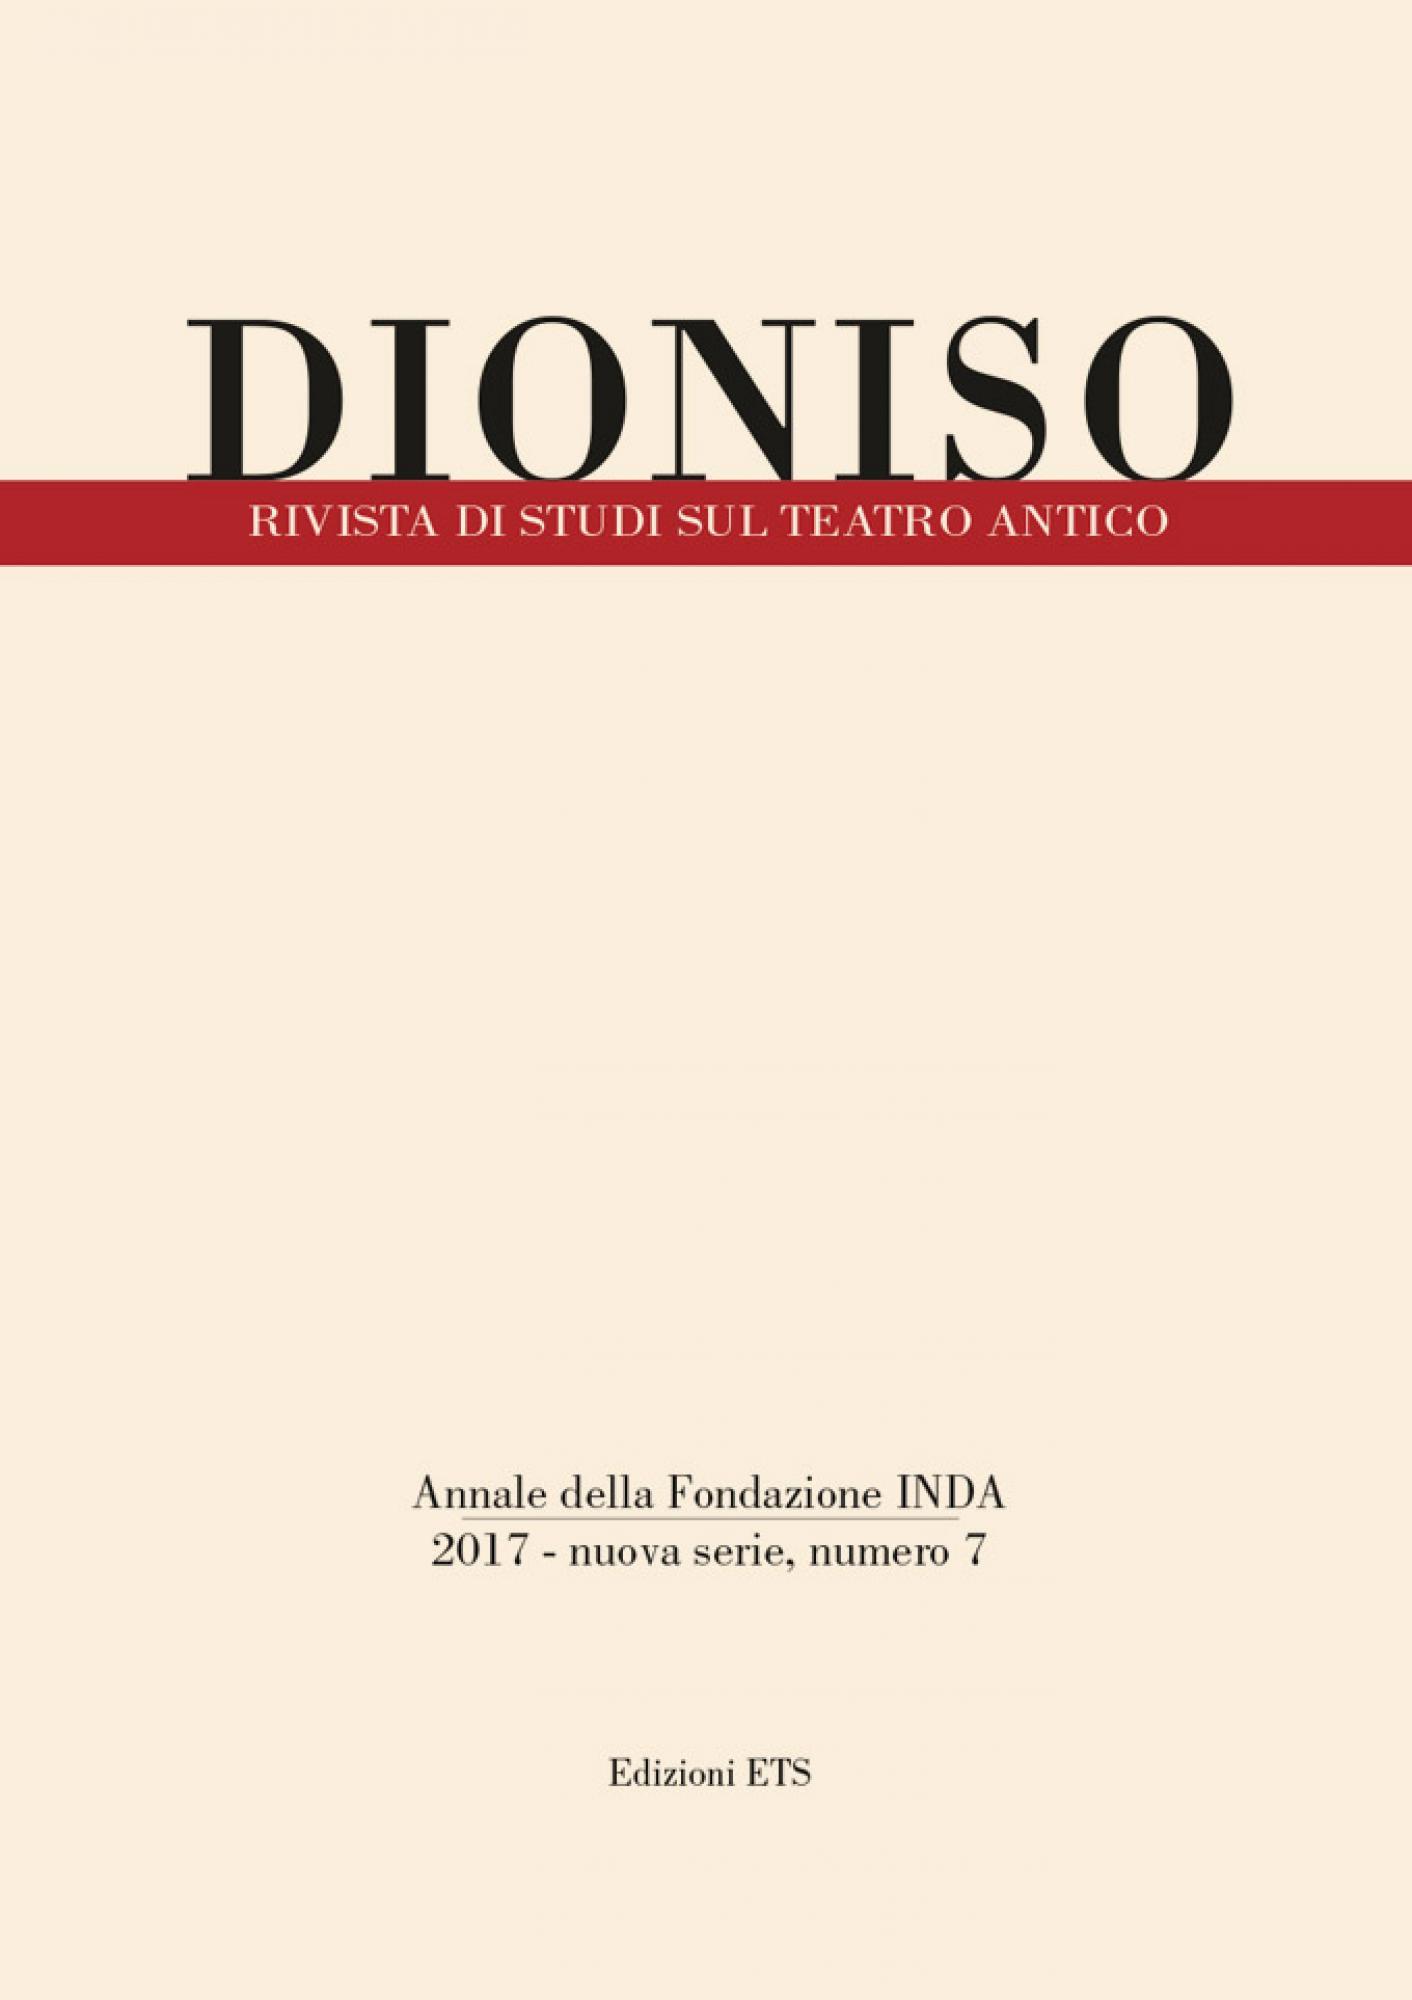 Dioniso.Rivista di studi sul teatro antico, n.s. 7